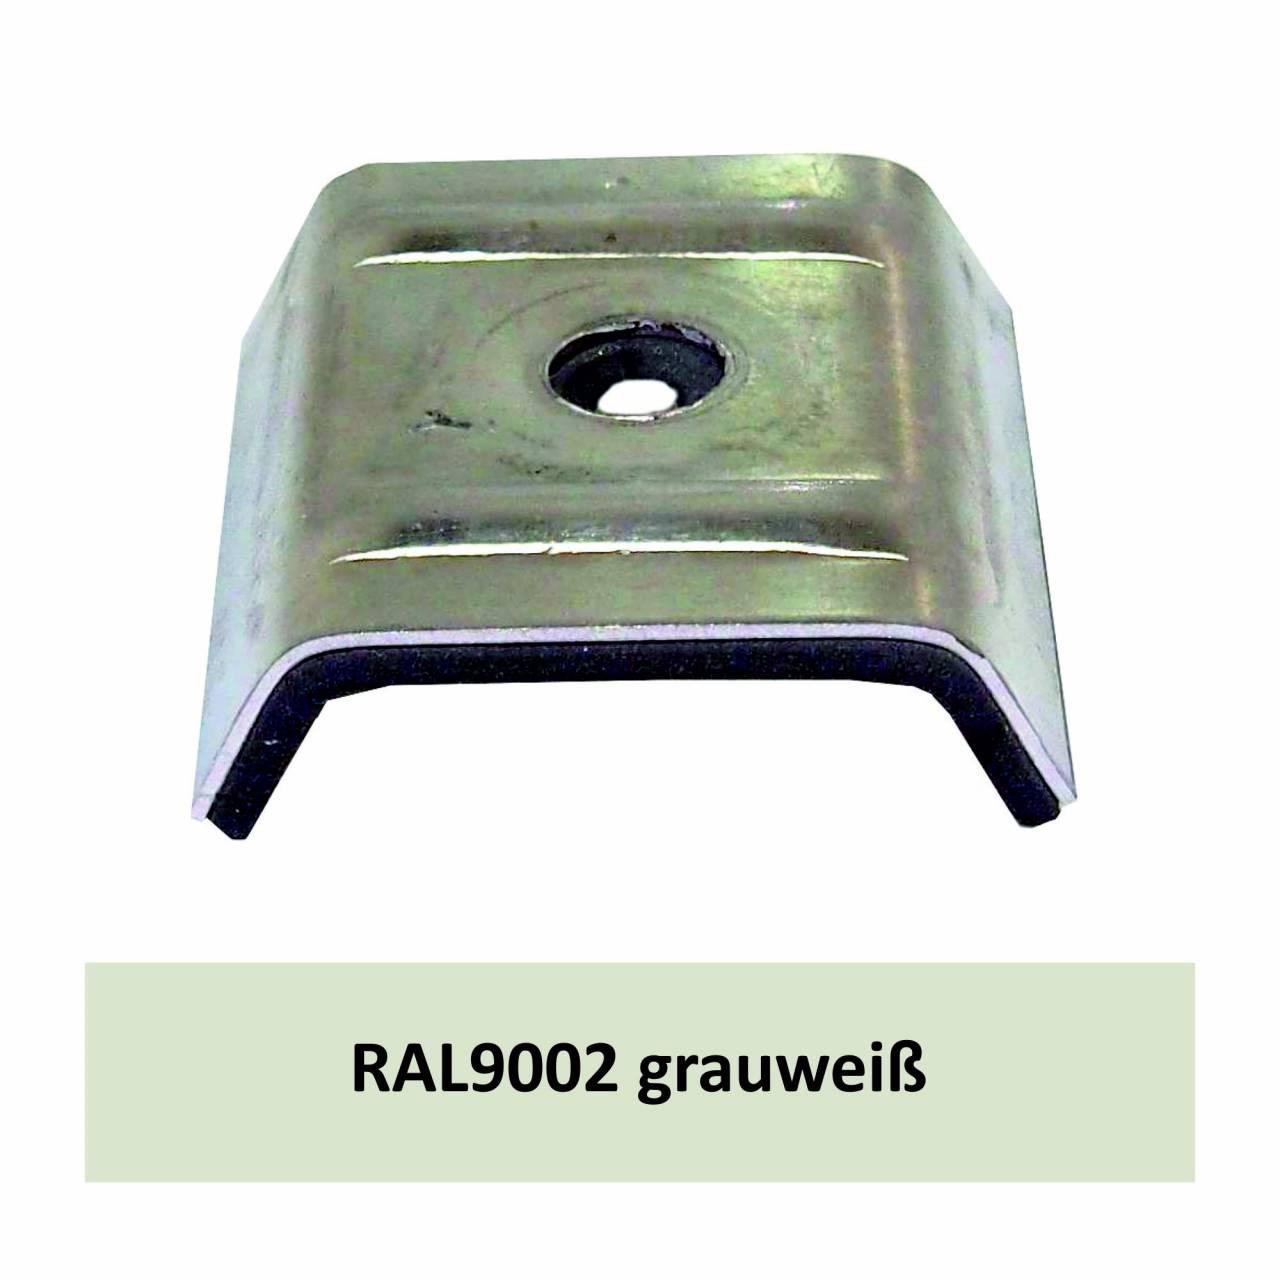 Kalotten für N1000T, Alu RAL9002 grauweiß / Pck a 100 Stück